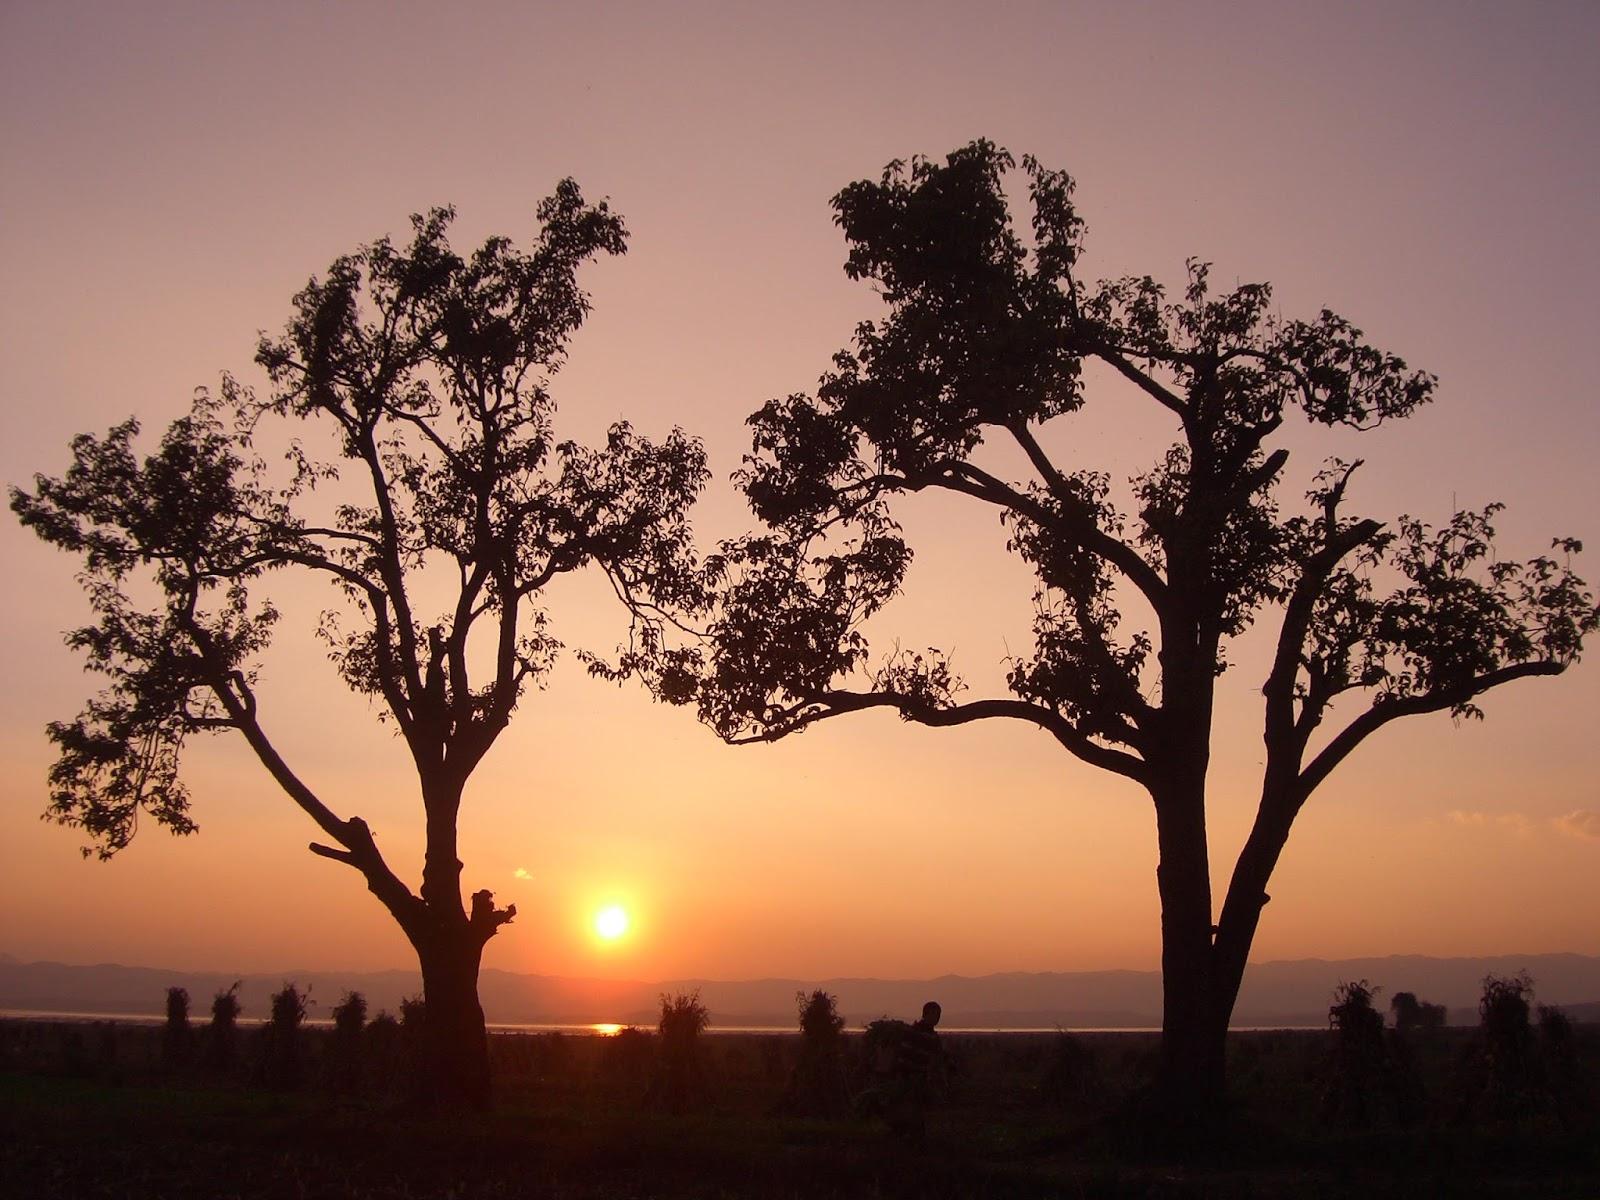 小六語文閱讀理解訓練:《兩棵樹的境遇》|中文筆記|尤莉姐姐的反轉學堂